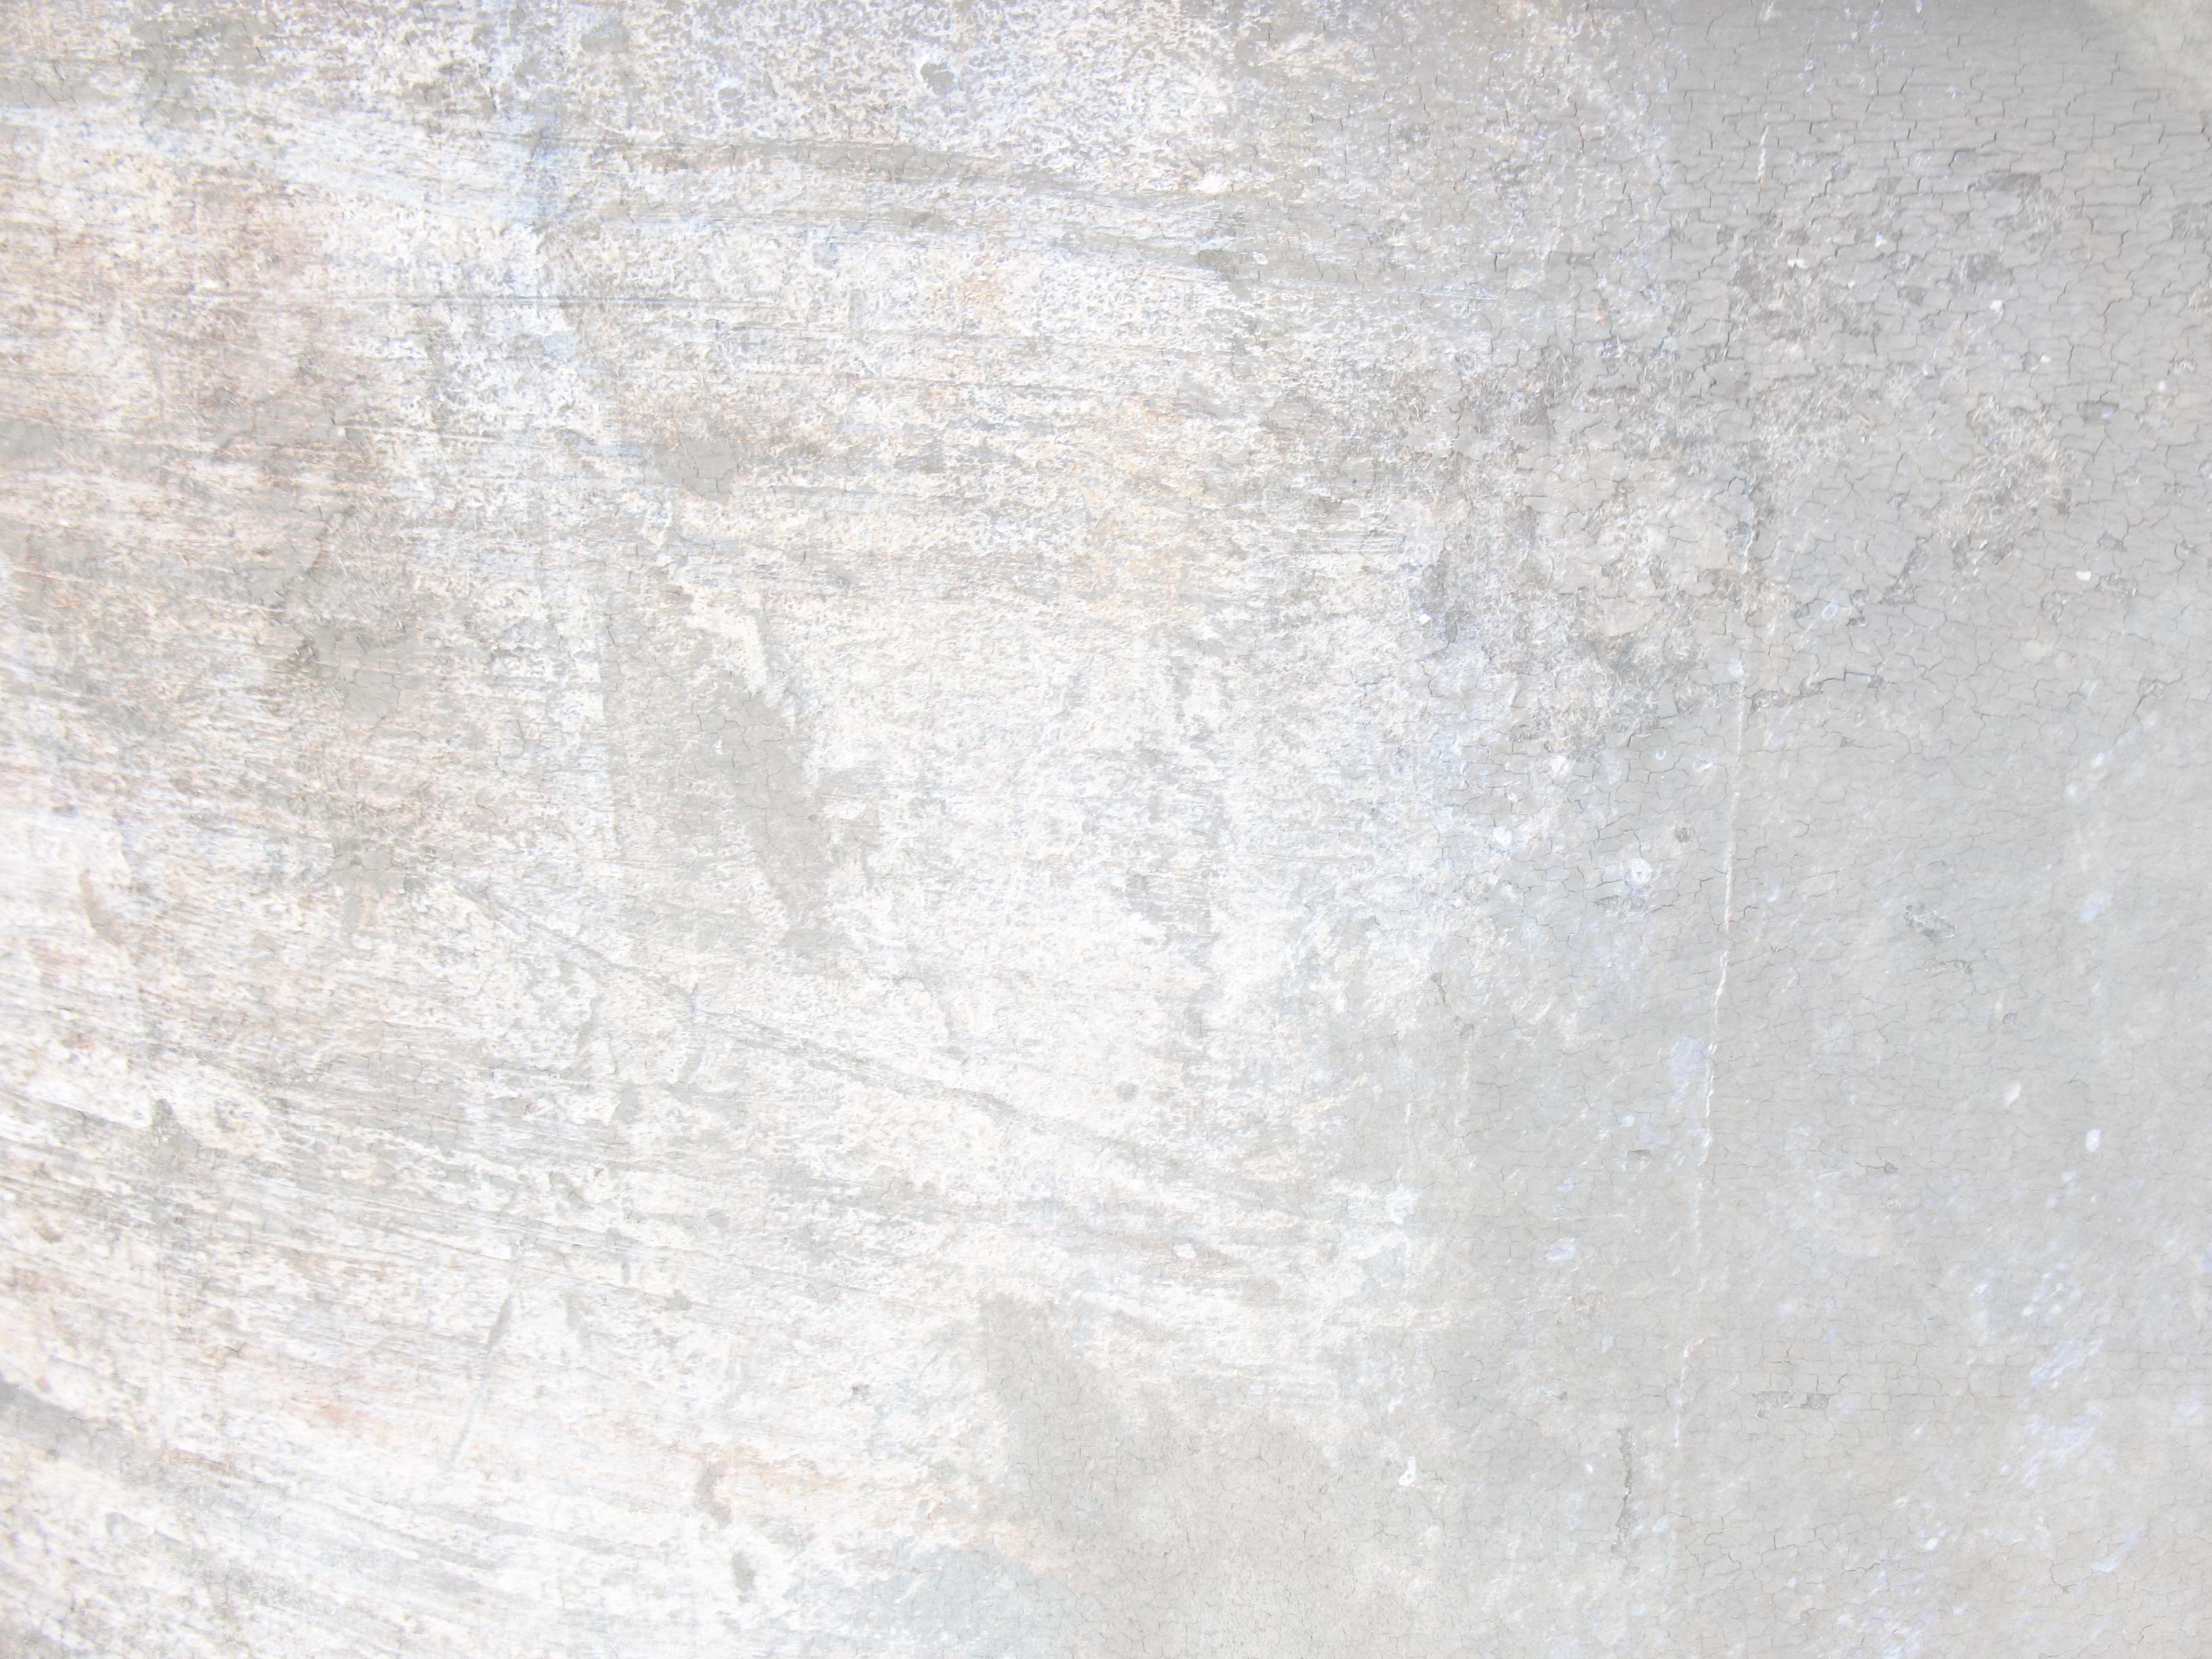 Текстуры обои для стен бесшовные